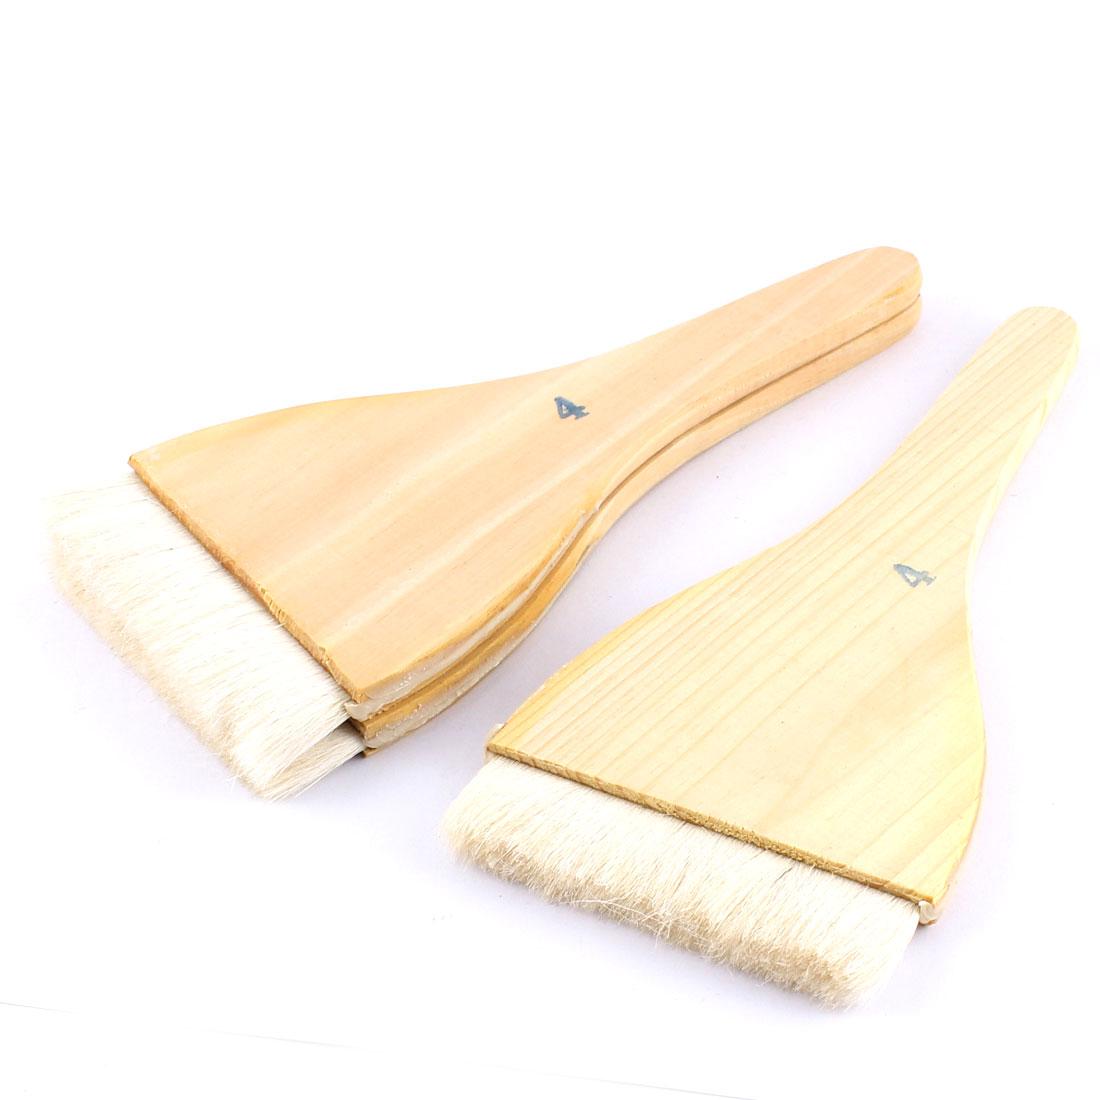 3pcs Soft Bristle Wooden Handle Oil Paint Painter Brush 22cm x 10cm